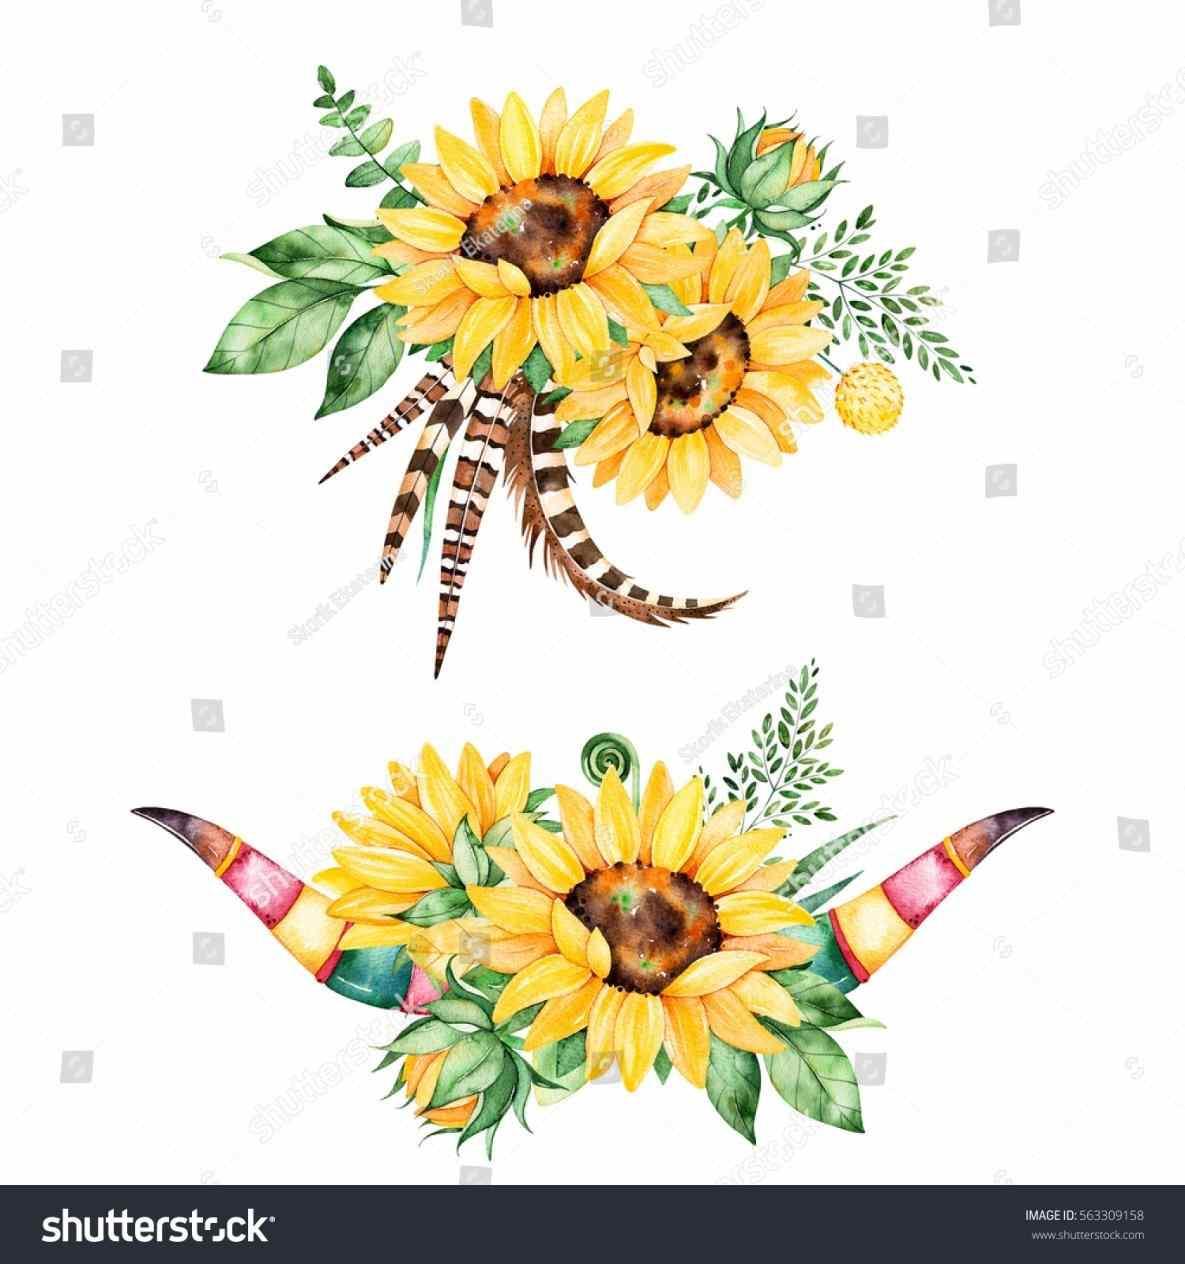 Color transparent background sunflowers. Bouquet clipart sunflower bouquet